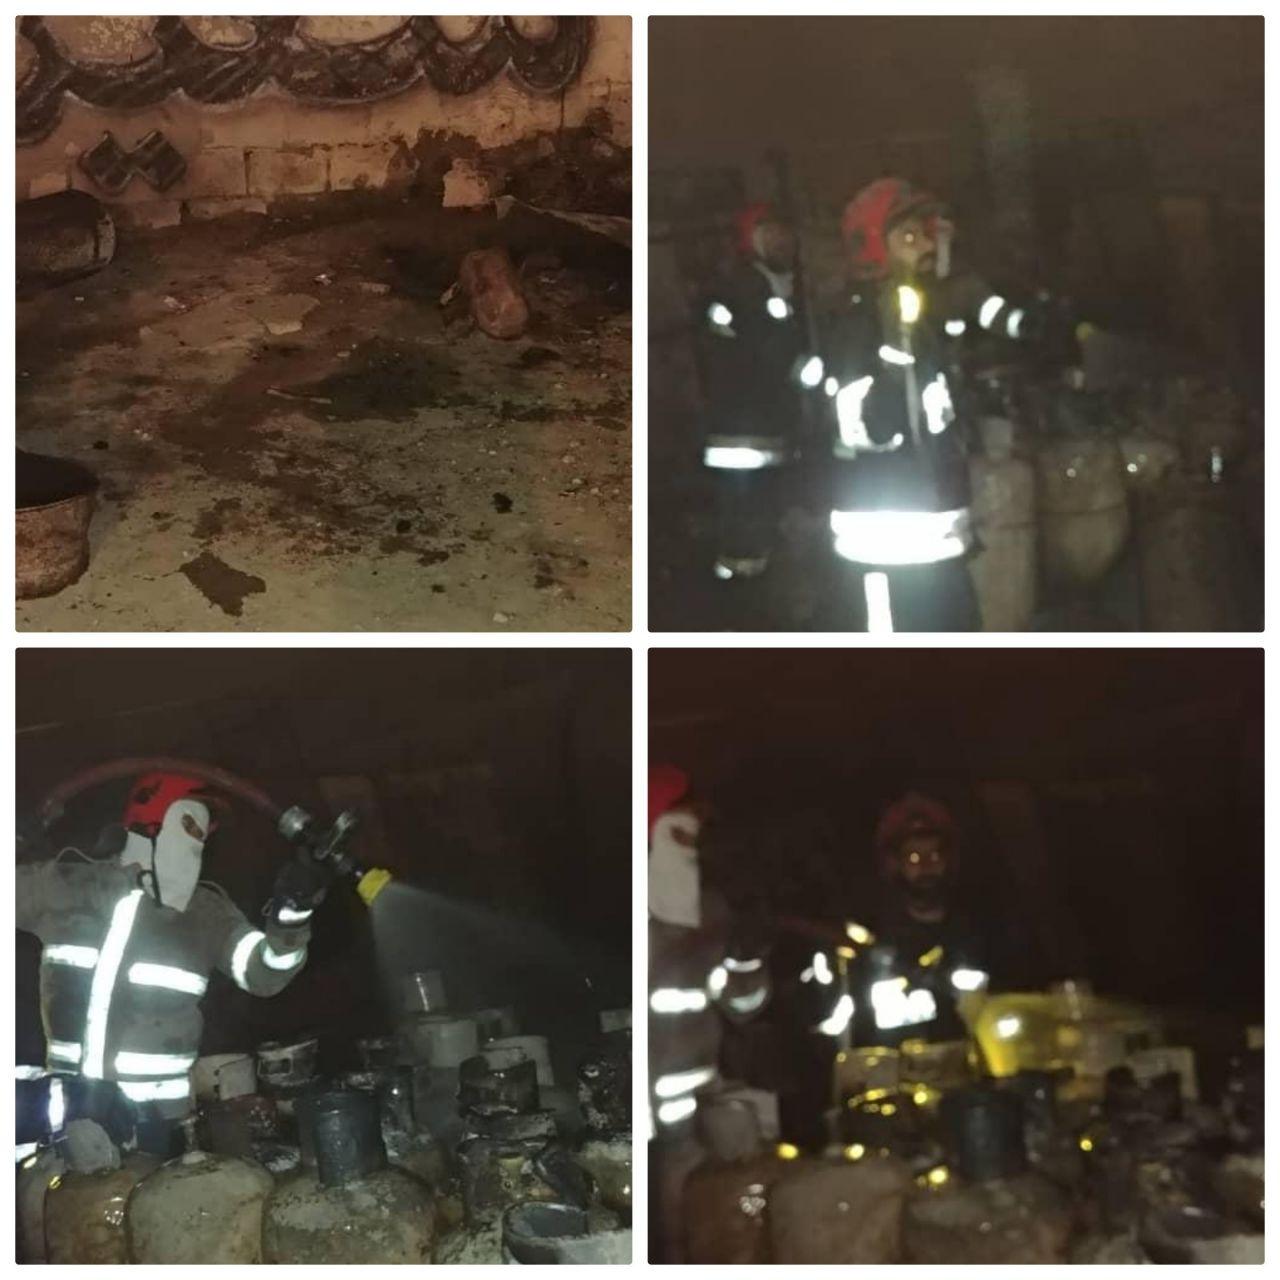 اطفاء و مهار حریق گسترده رخ داده در در منطقه نوروز آباد در حاشیه جاده احمدآباد مستوفی